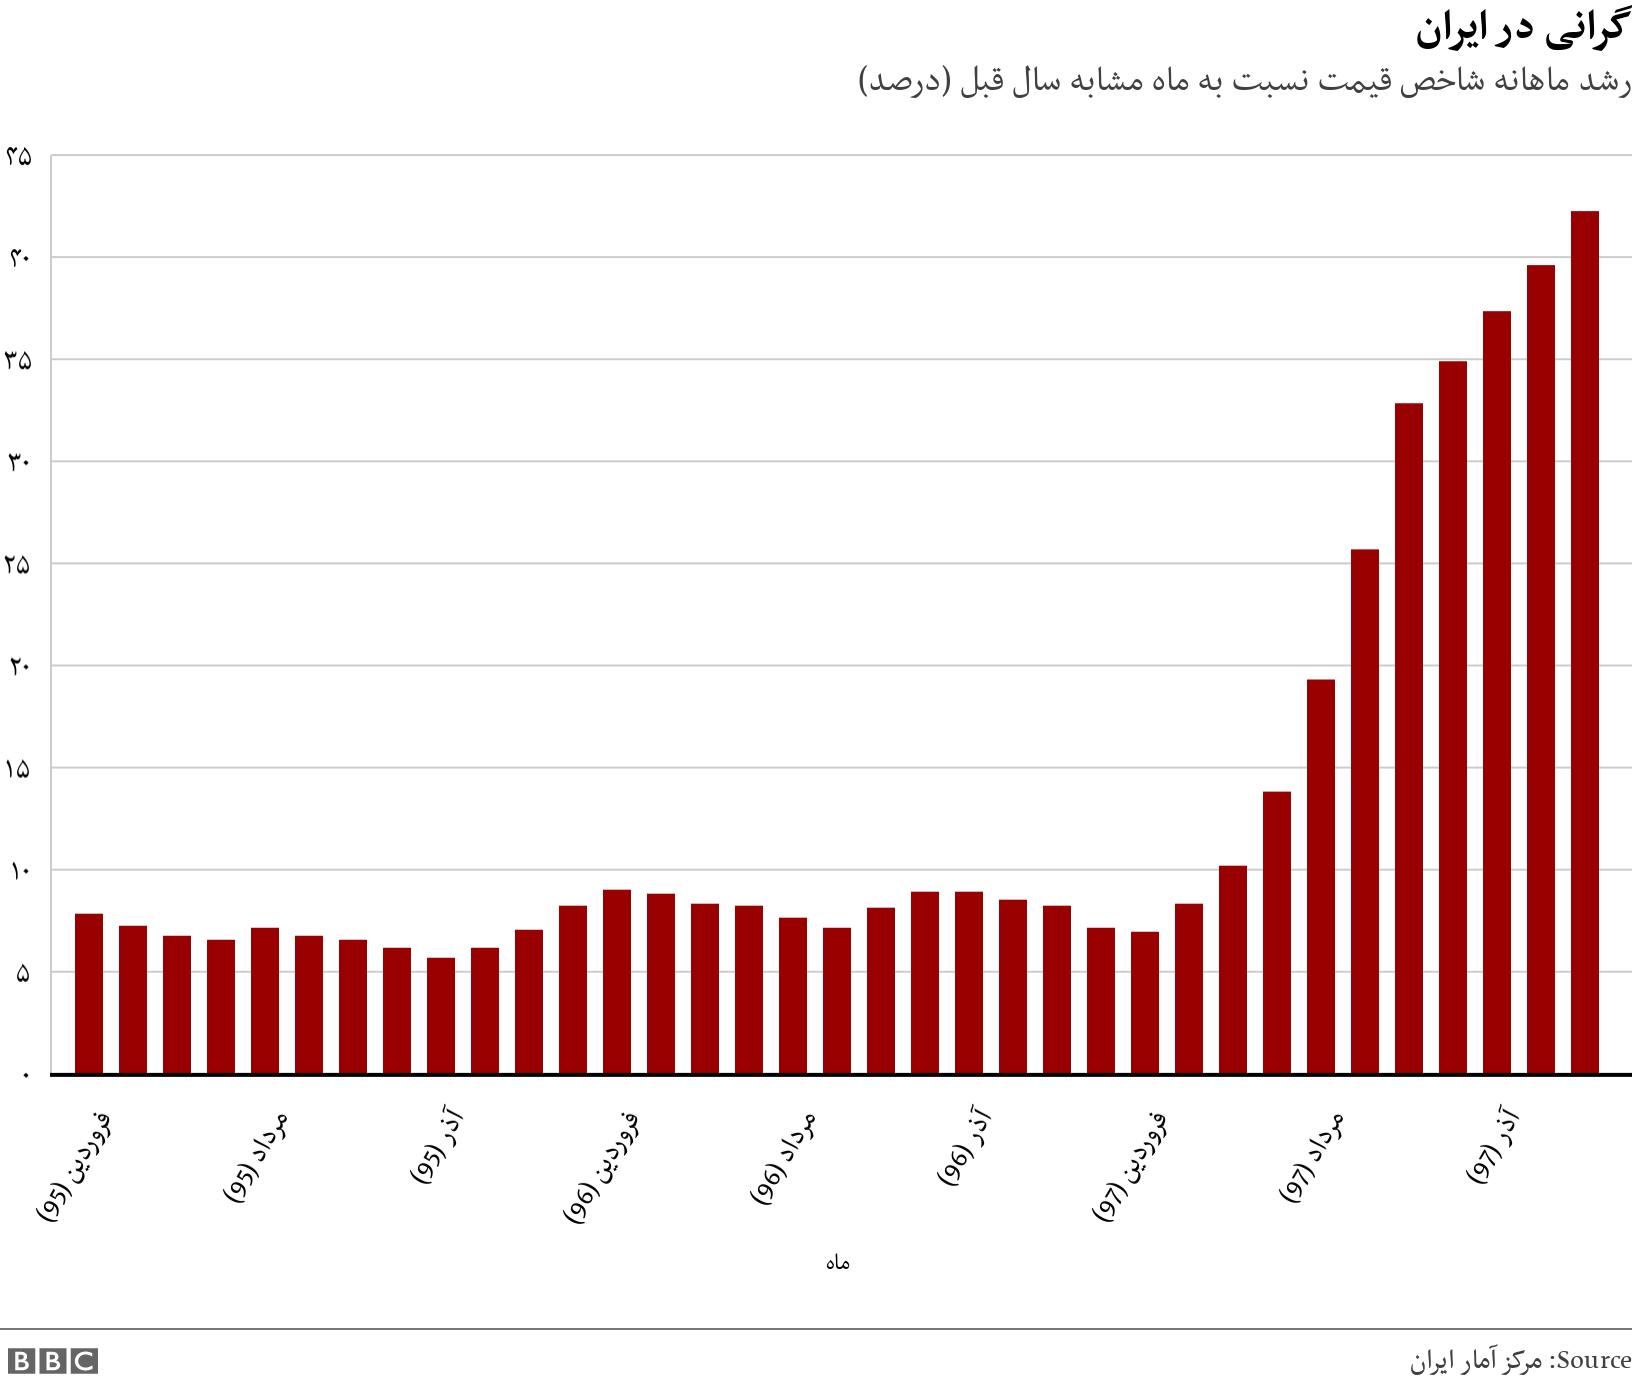 گرانی در ایران. رشد ماهانه شاخص قیمت نسبت به ماه مشابه سال قبل (درصد).  .